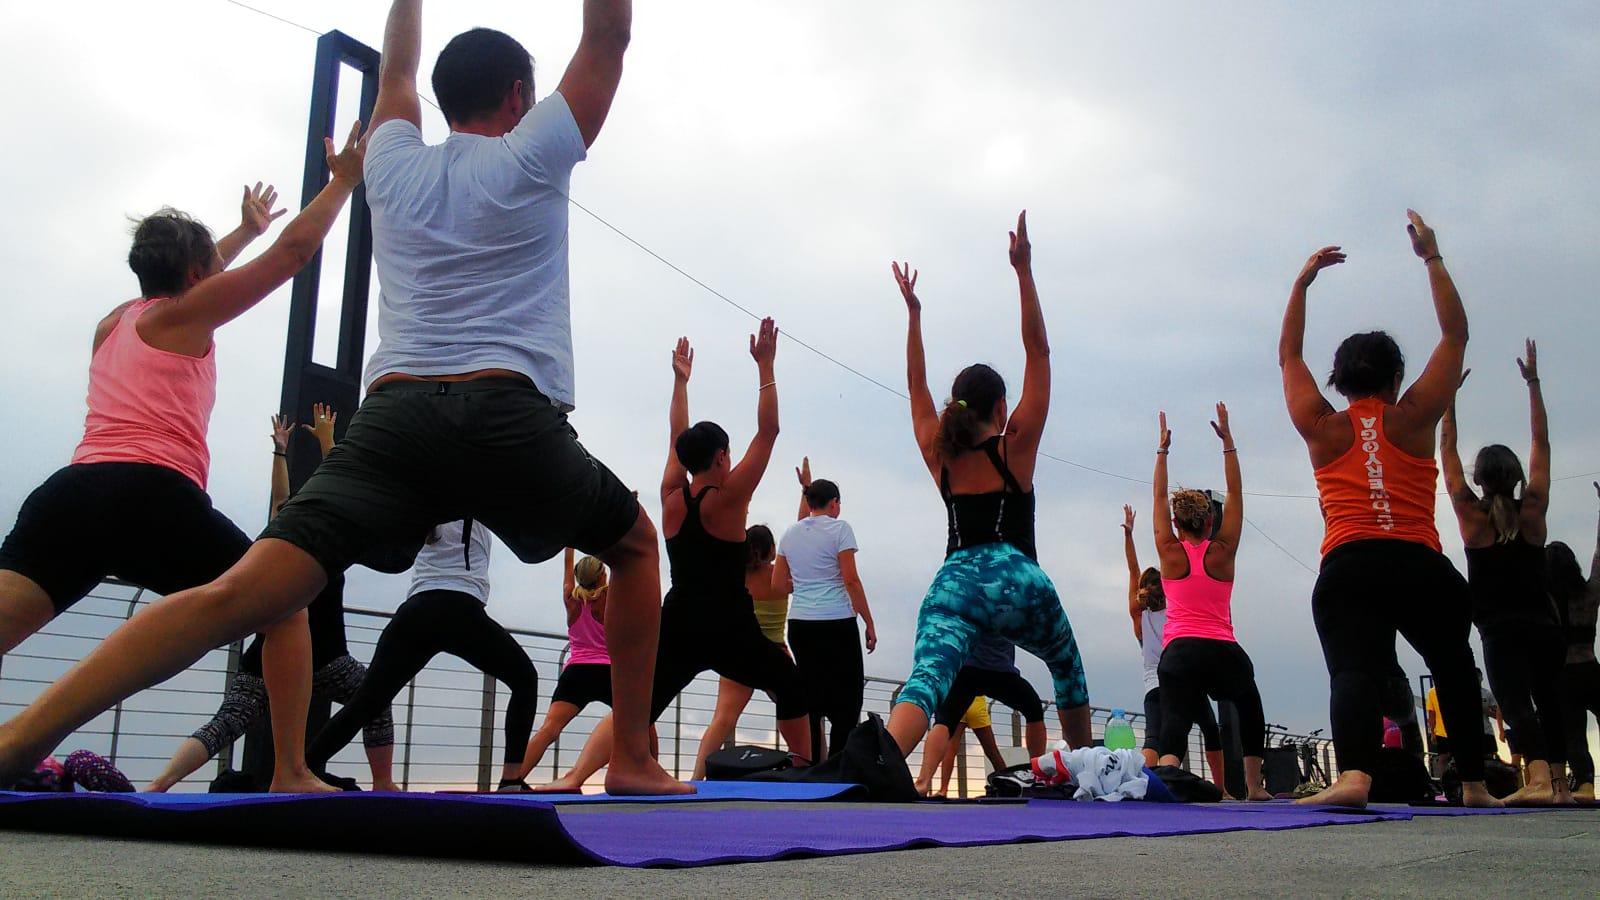 1_essere-free-yoga-gratuito-benessere-per-tutti-village-citta-alassio-estate-lucia-ragazzi-summer-town-wellness-090